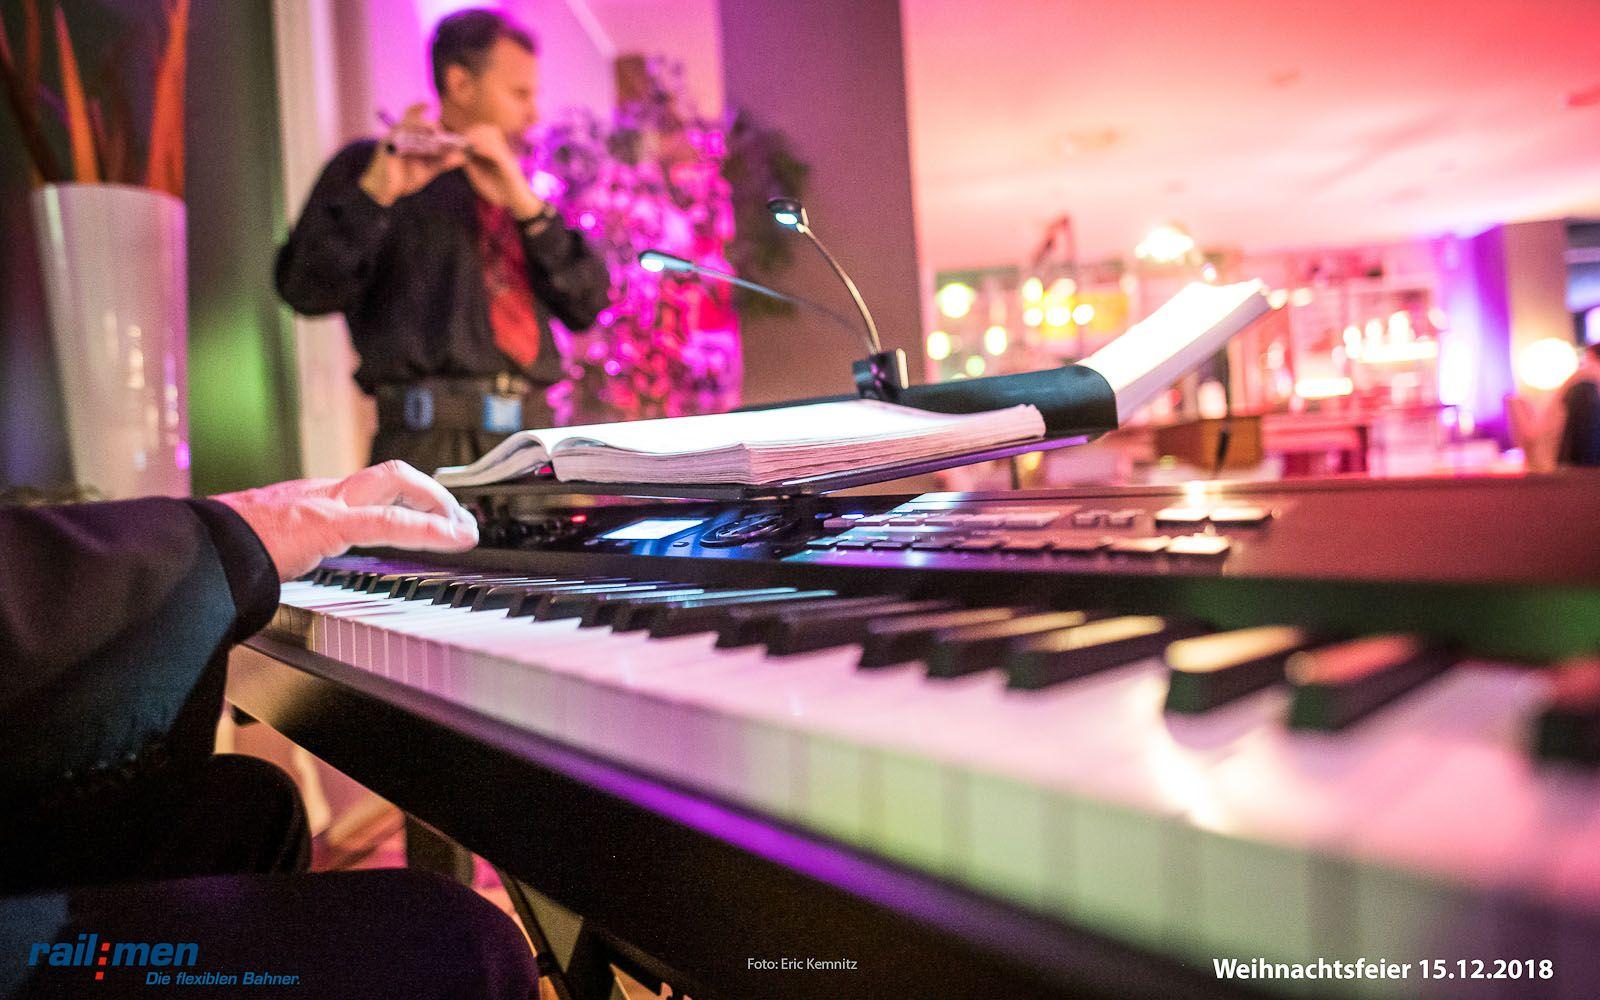 Musikalische Untermalung mit Piano und Flöte